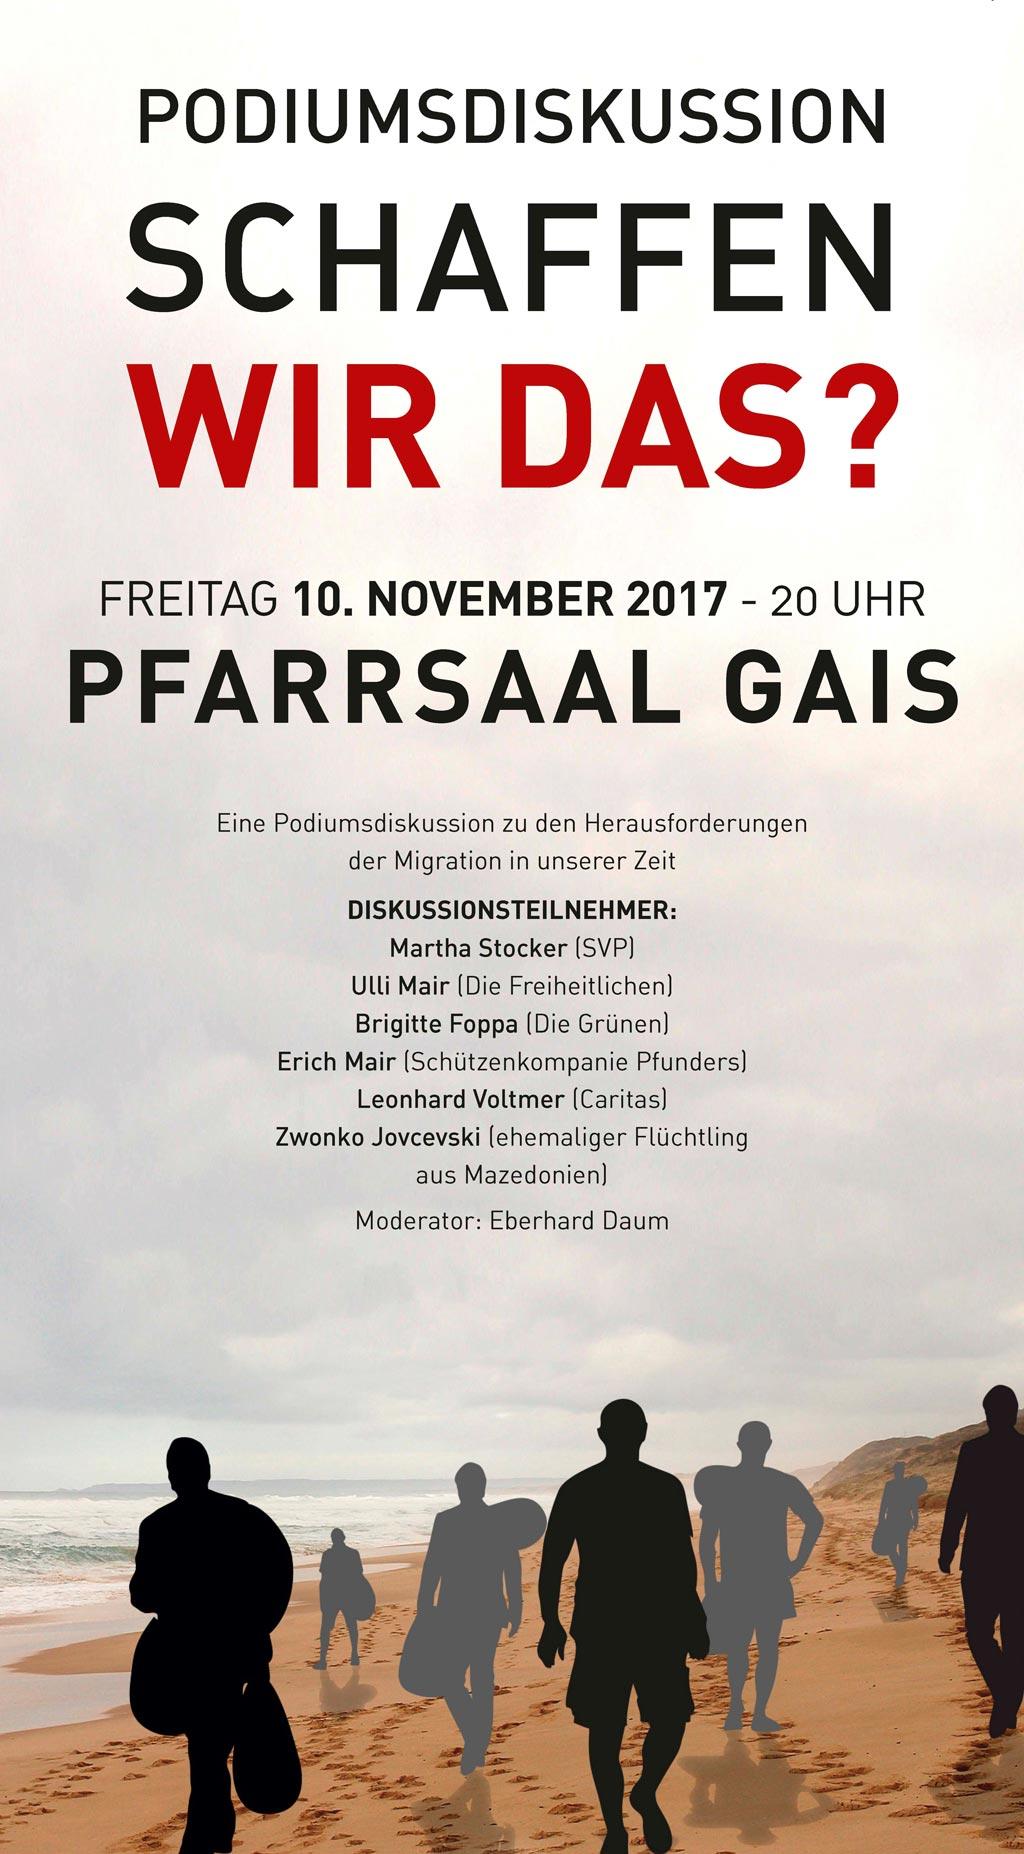 2017-11-10-Podiumsdiskussion-Schaffen-wir-das